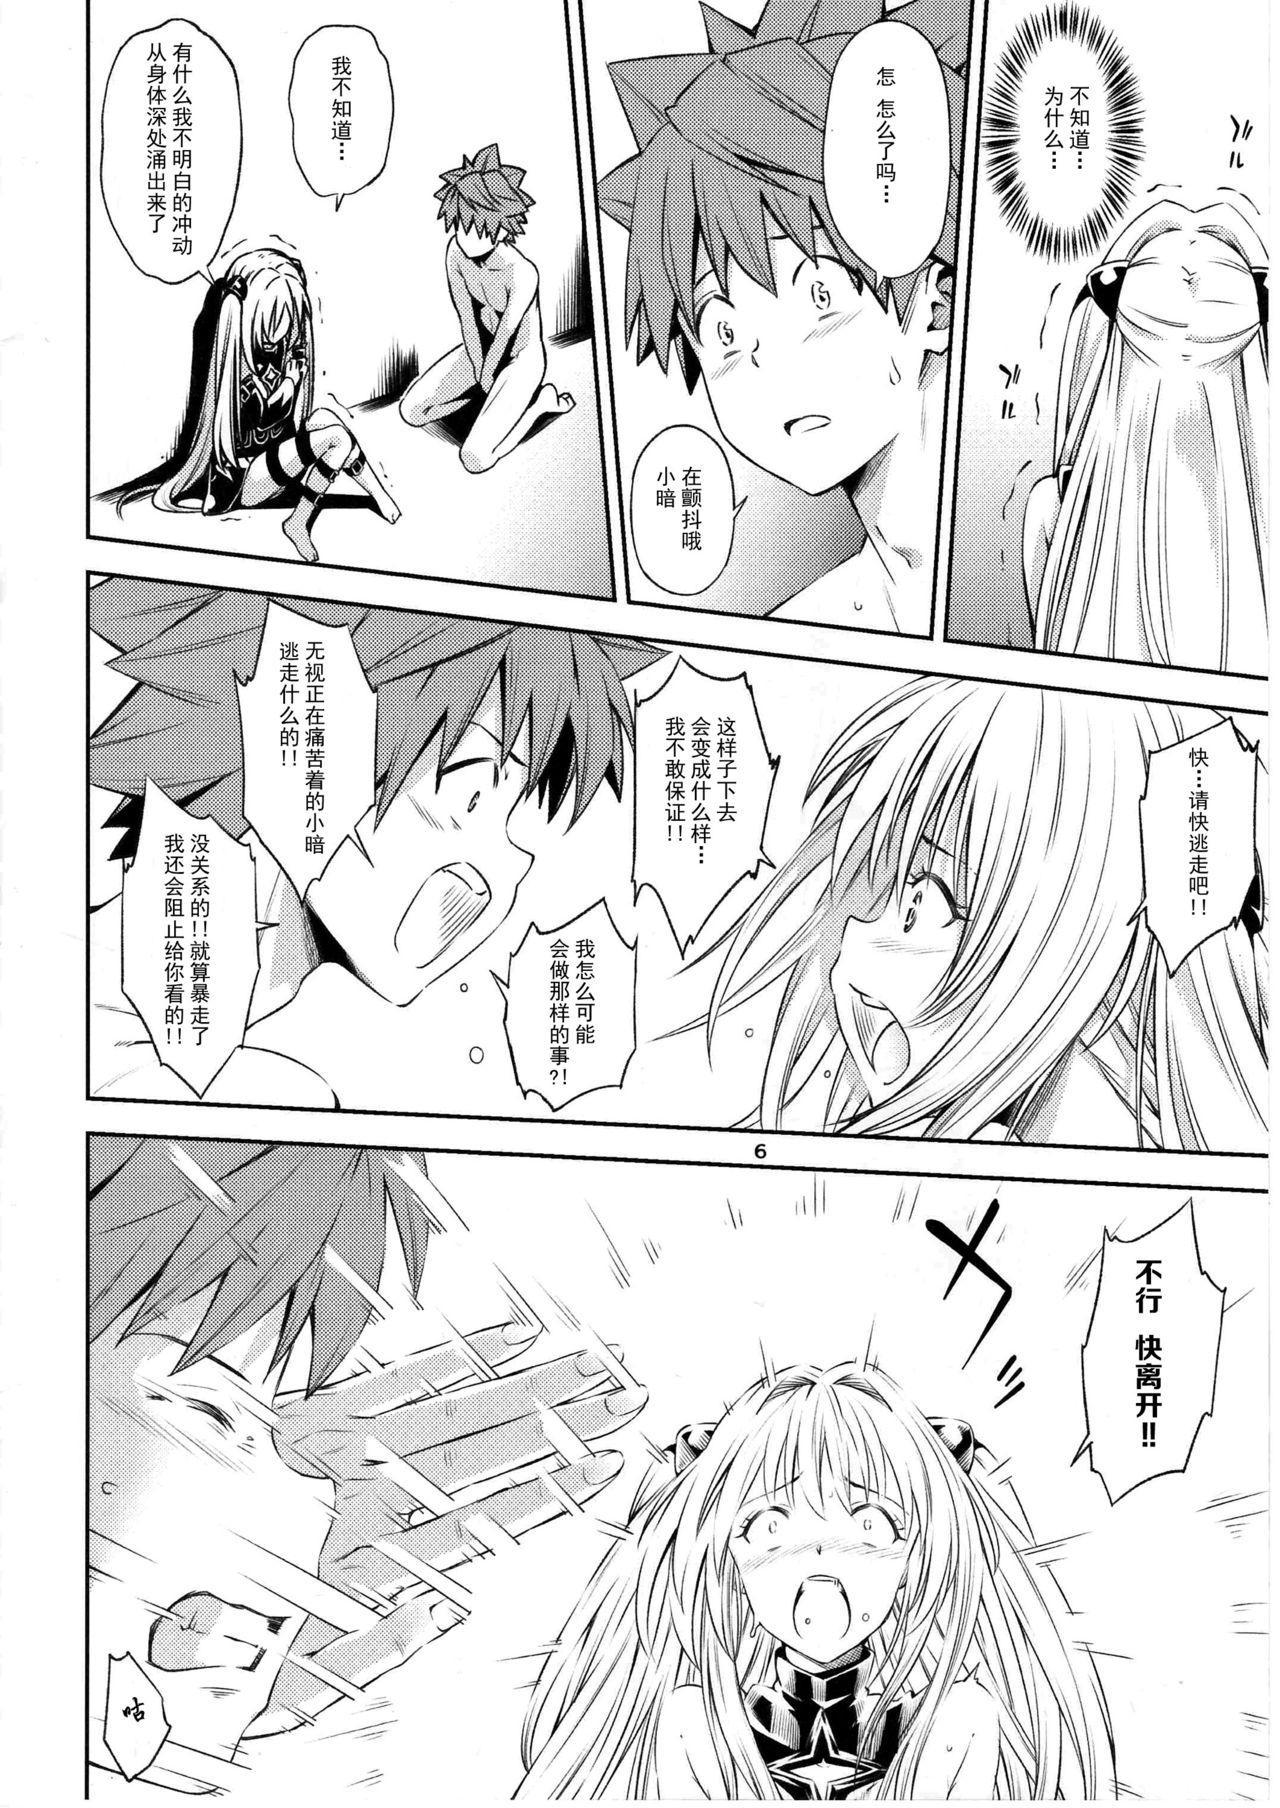 Watashi to Harenchi Shiyo 4